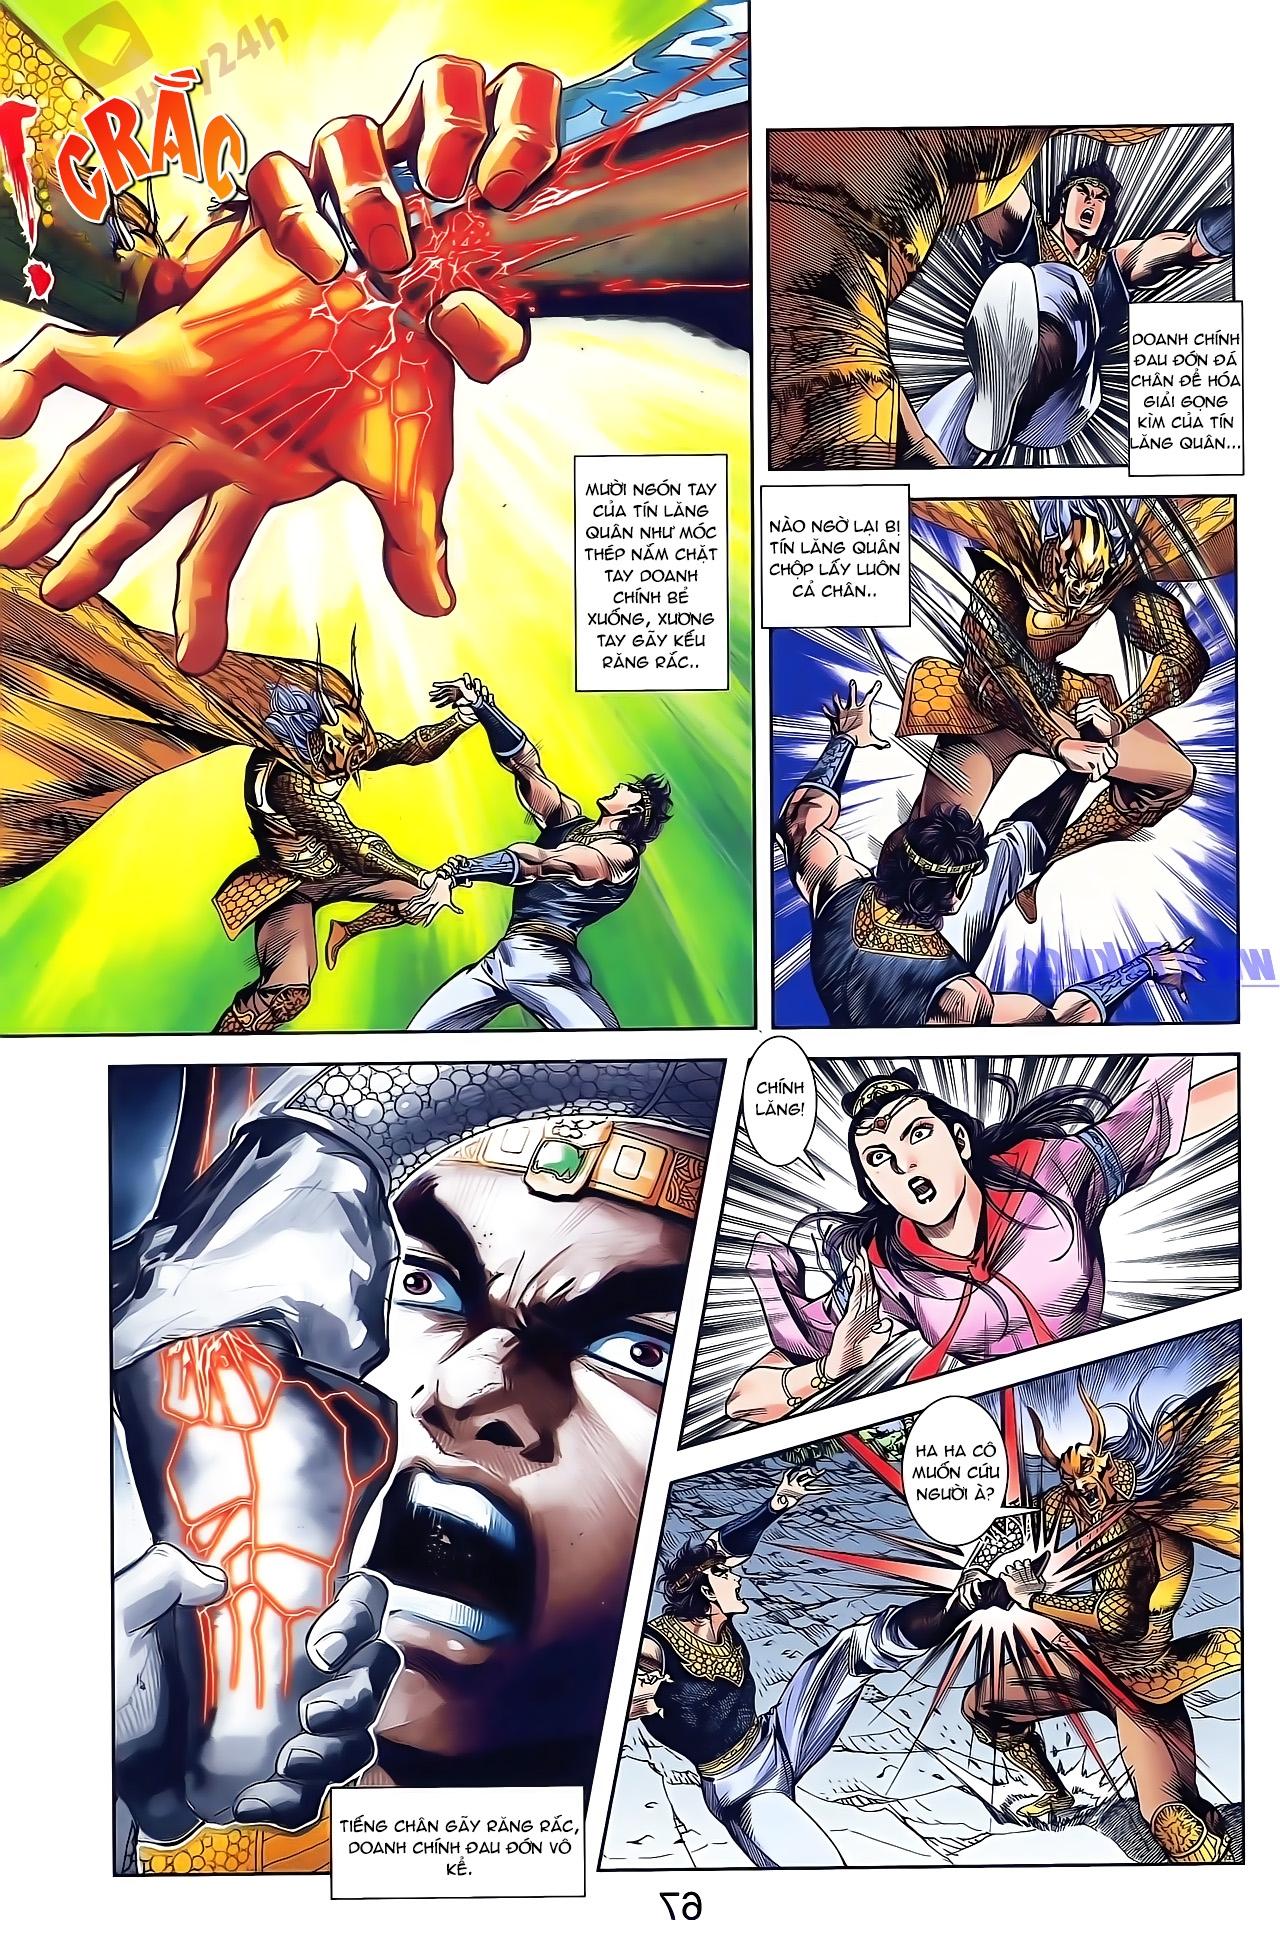 Tần Vương Doanh Chính chapter 49 trang 21